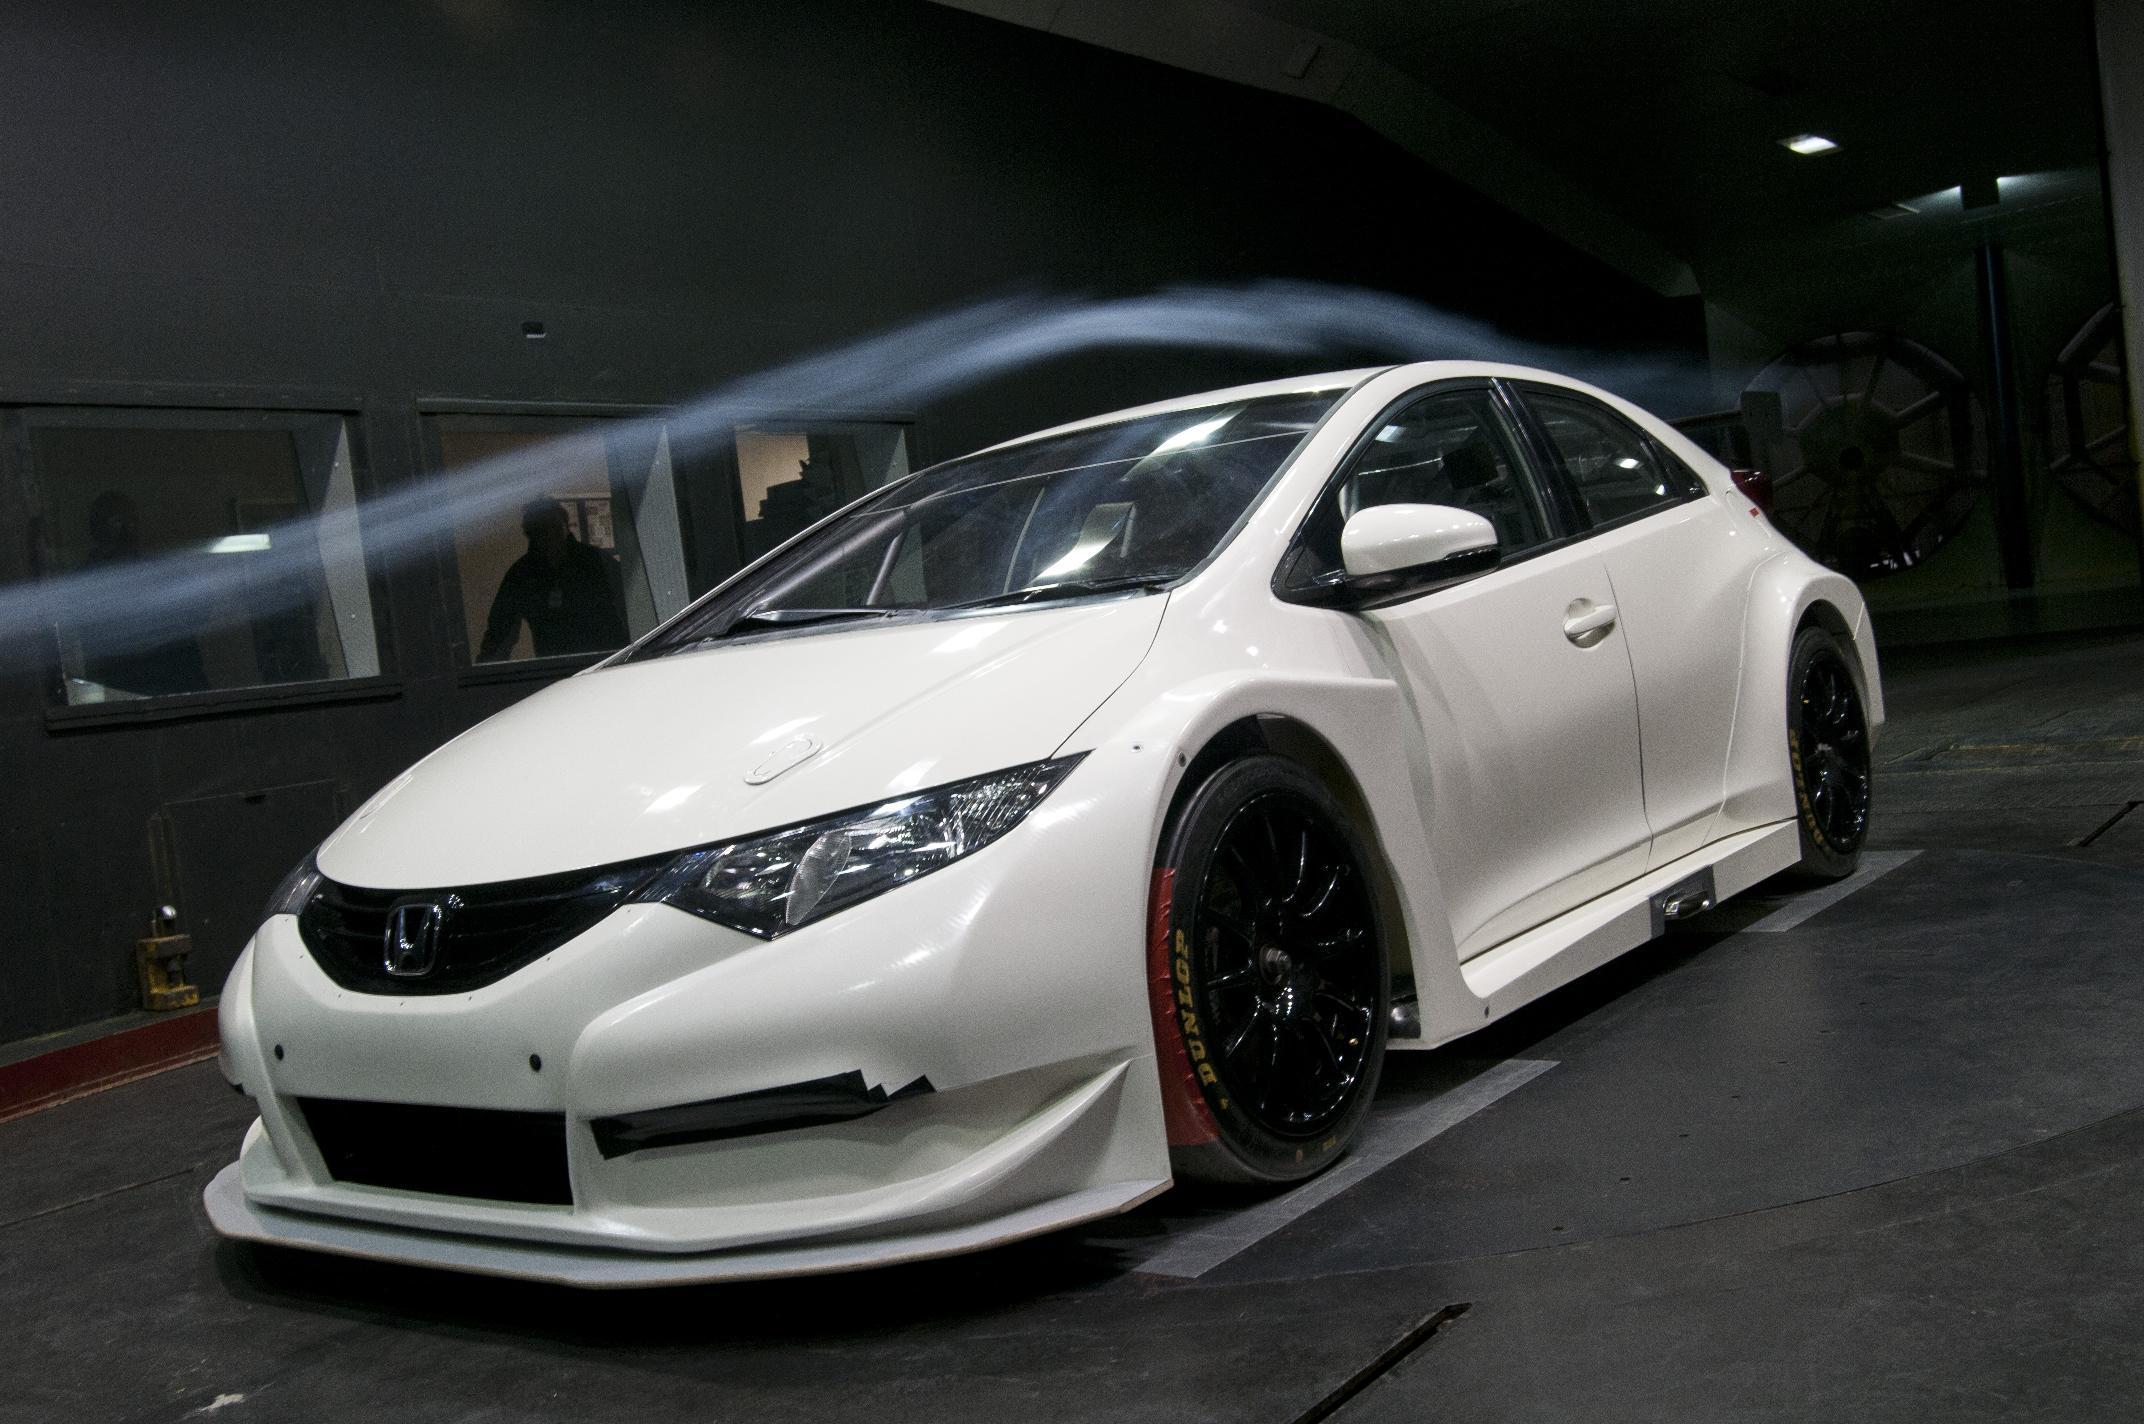 Honda Civic NGTC 2